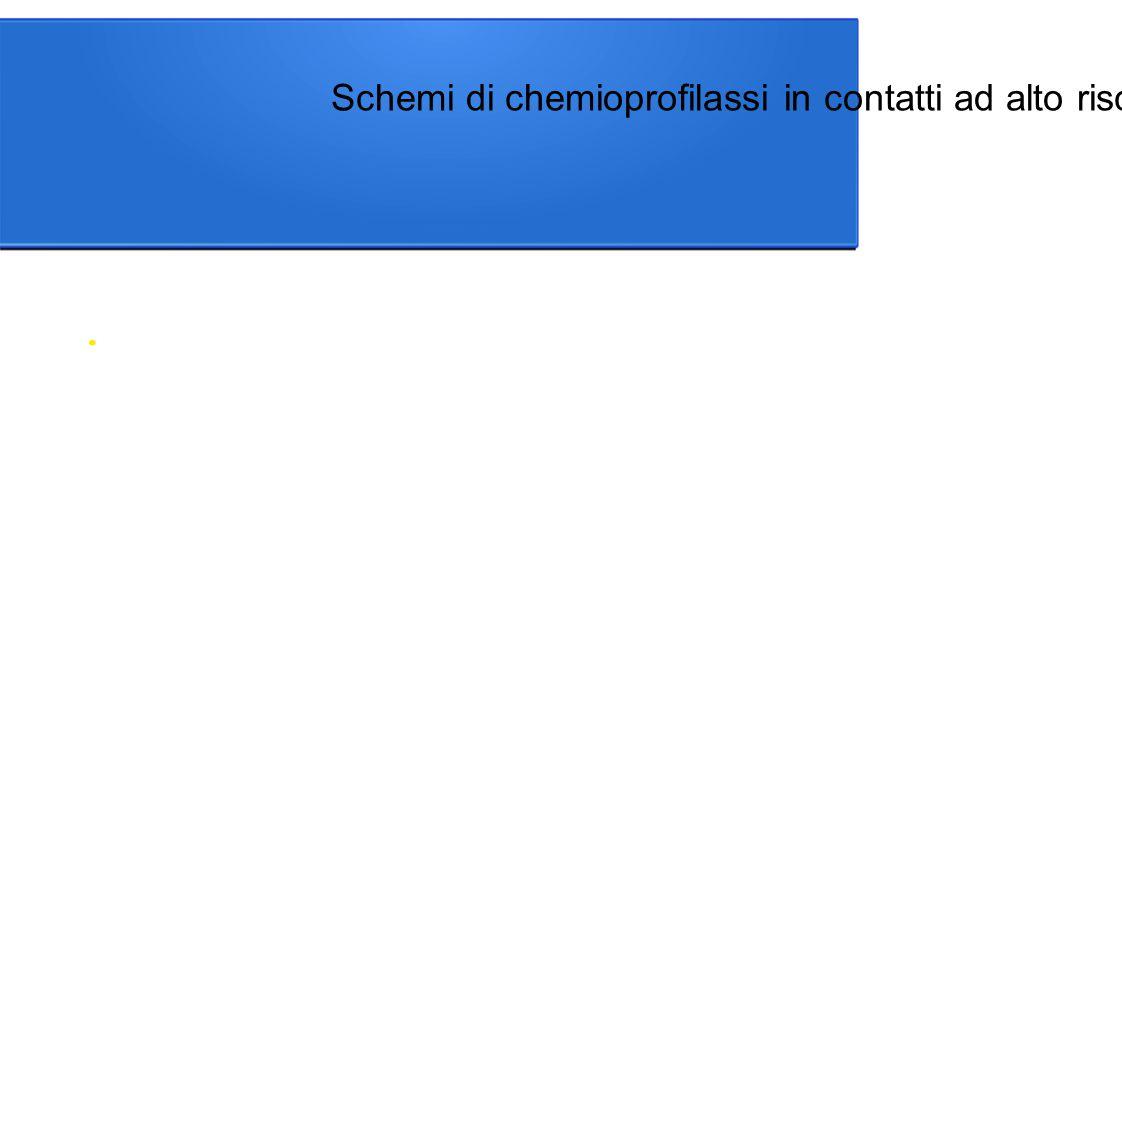 Schemi di chemioprofilassi in contatti ad alto rischio